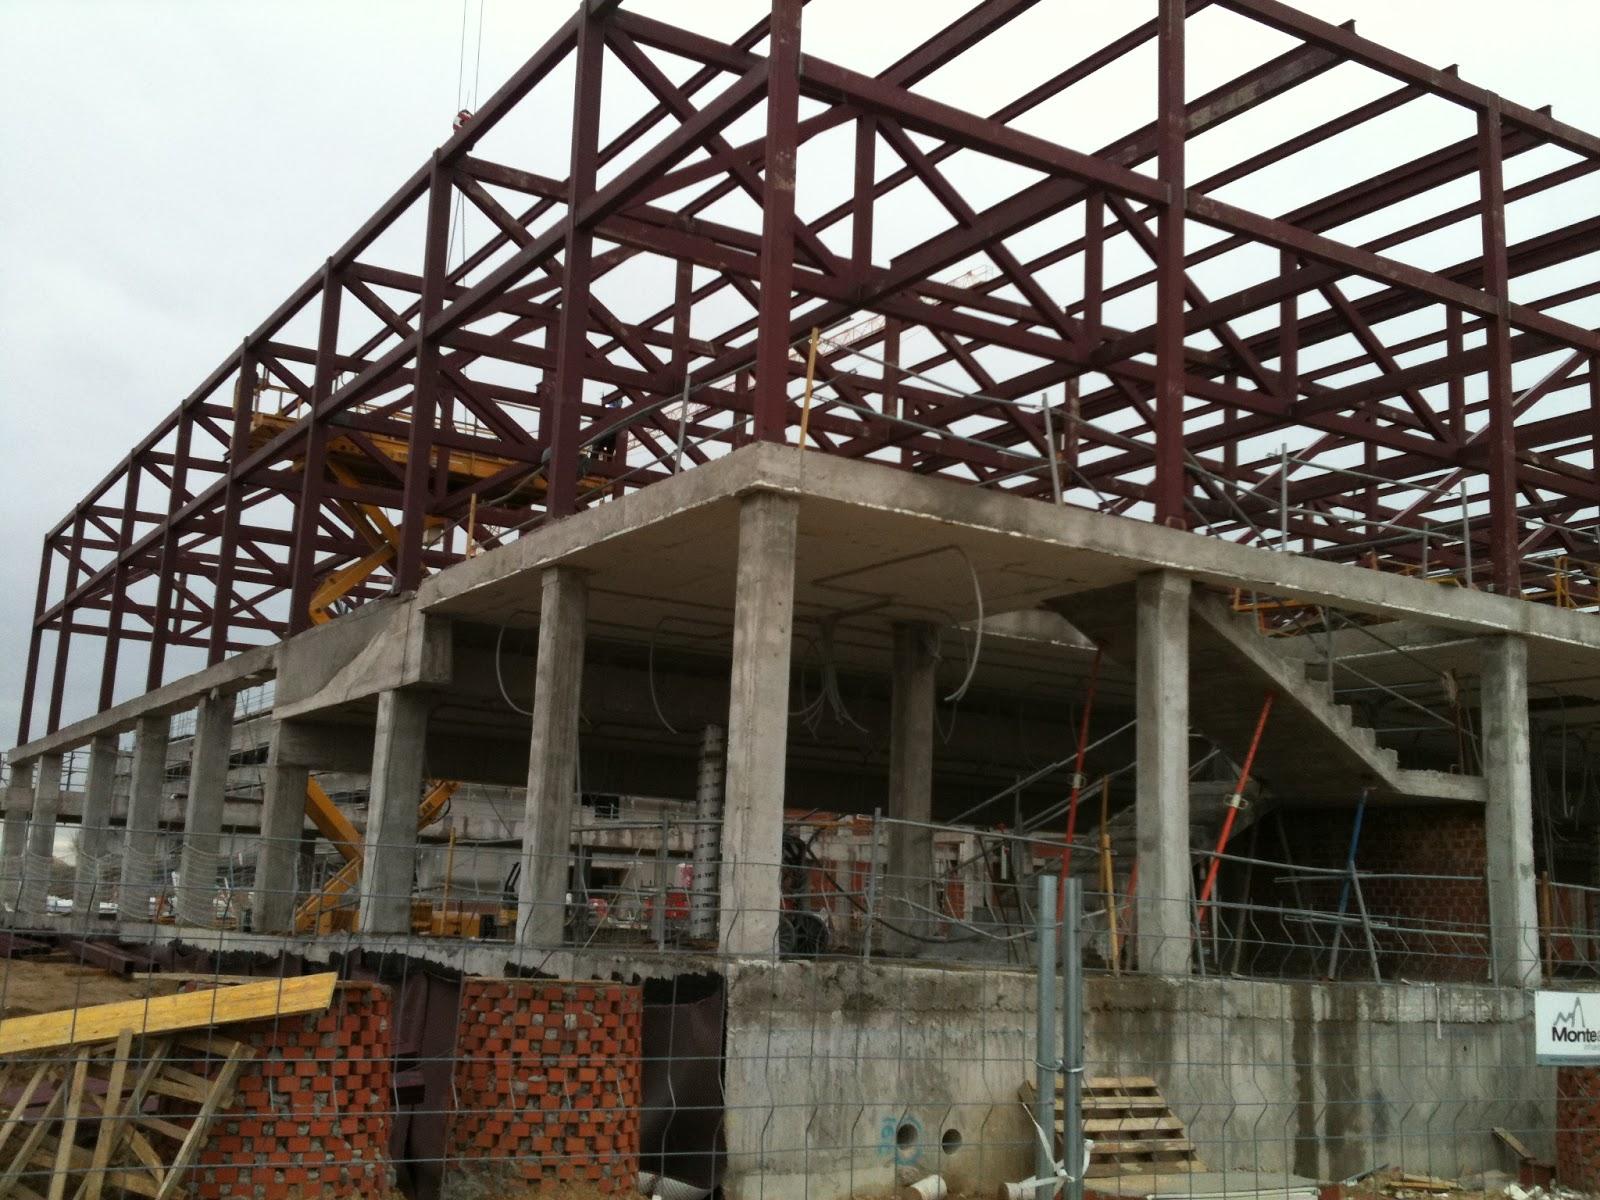 Metal y amianto construcci n de colegio con estructura y - Estructuras de acero para casas ...